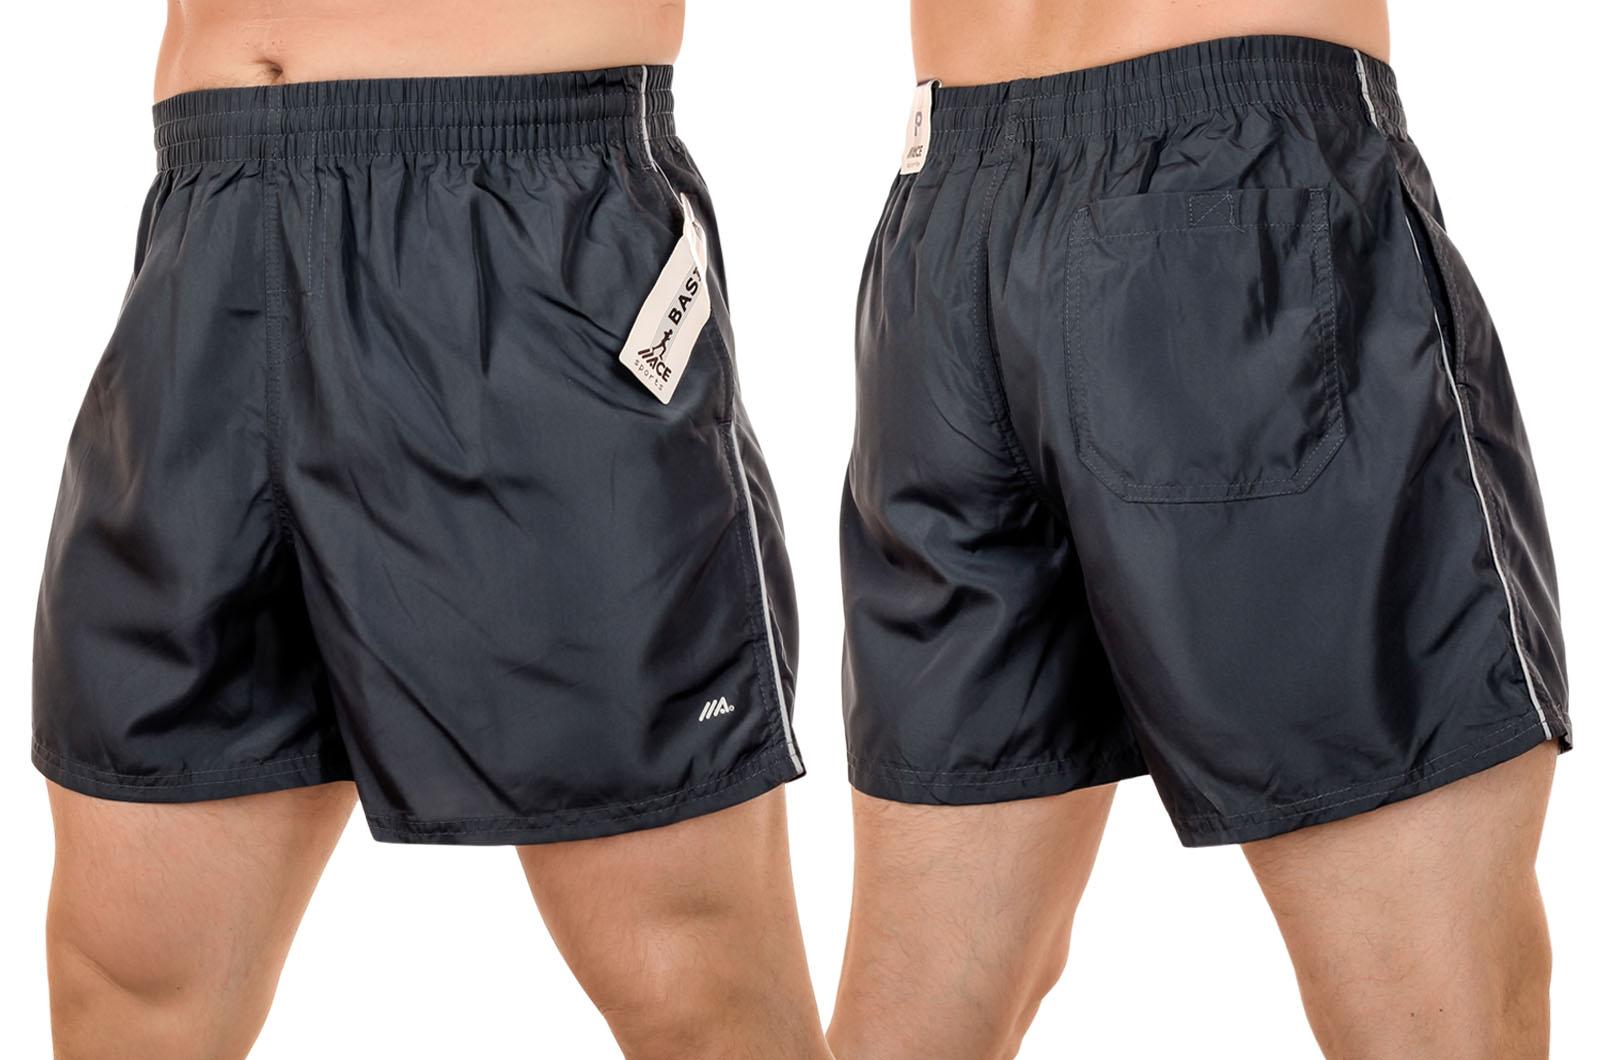 Лучшие мужские шорты для пляжа от MACE (Канада)